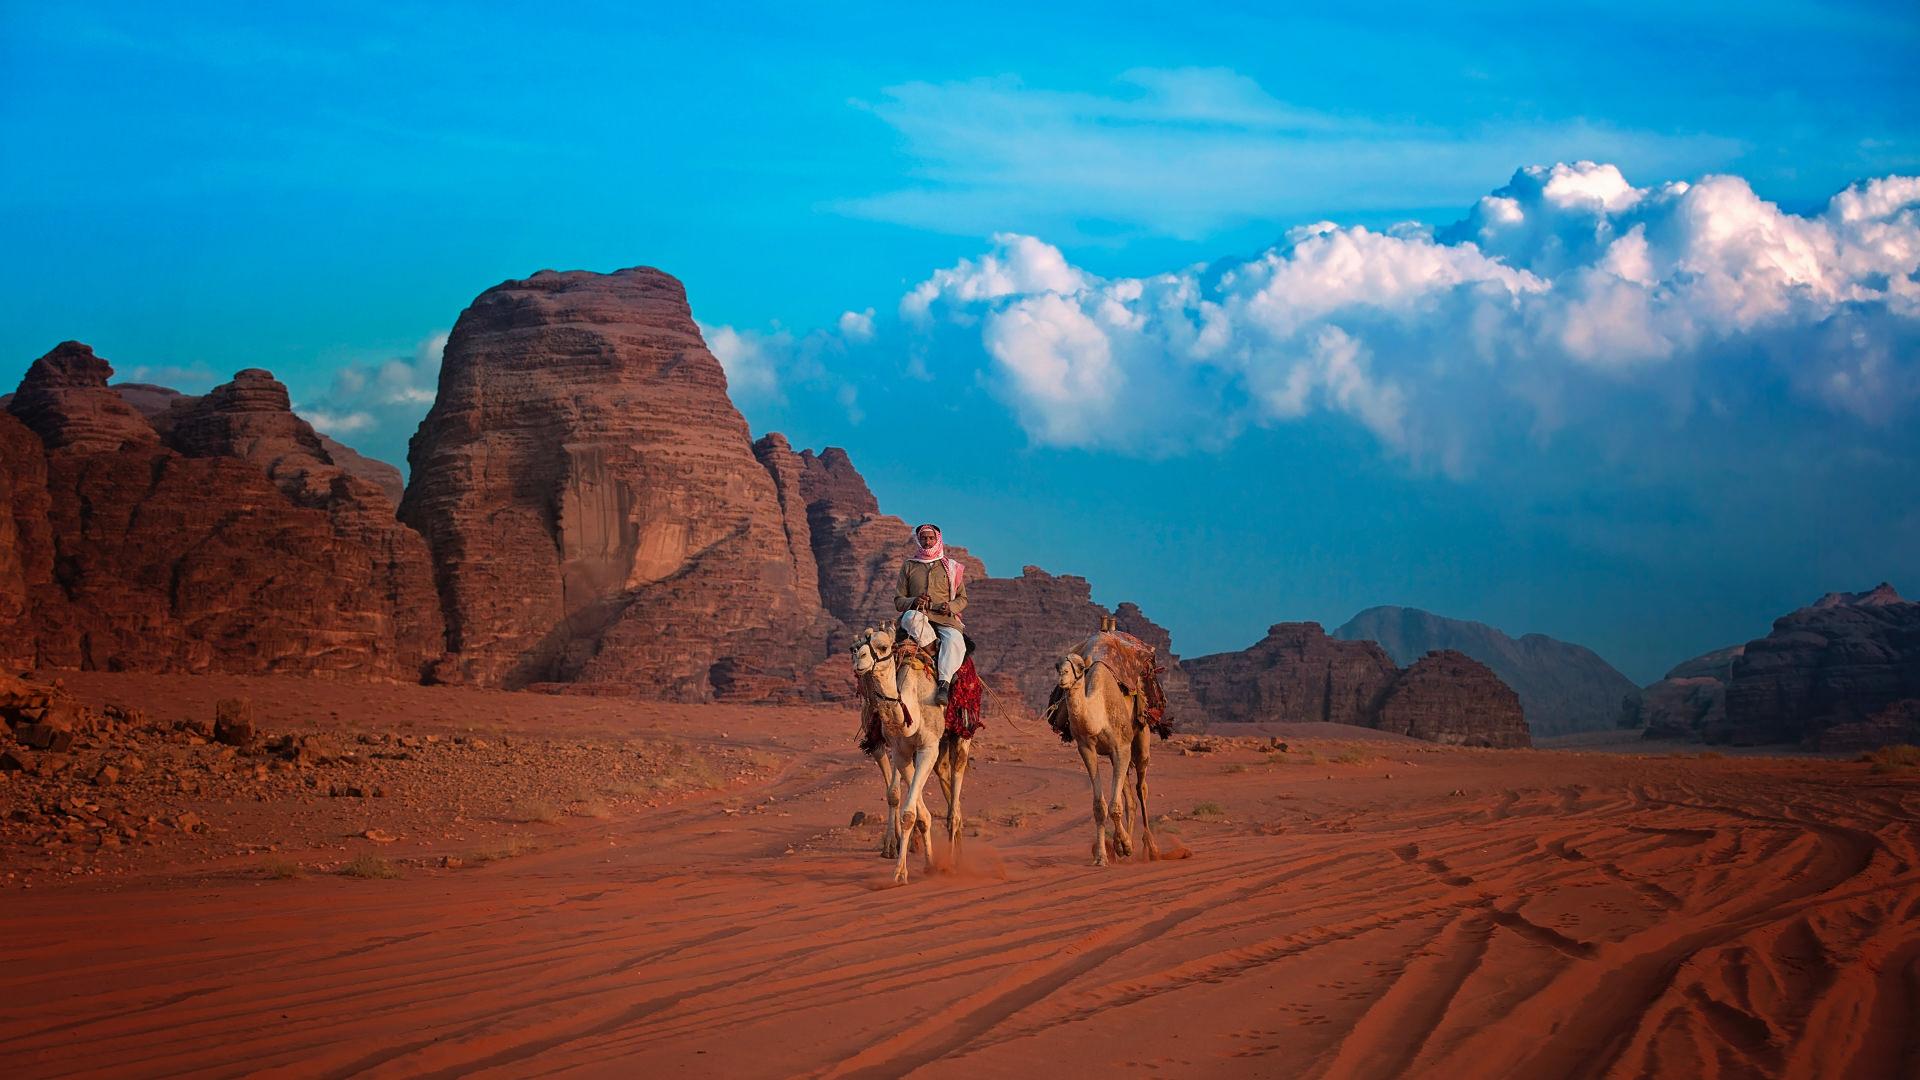 Burası Mars Değil, Wadi Rum, Ürdün